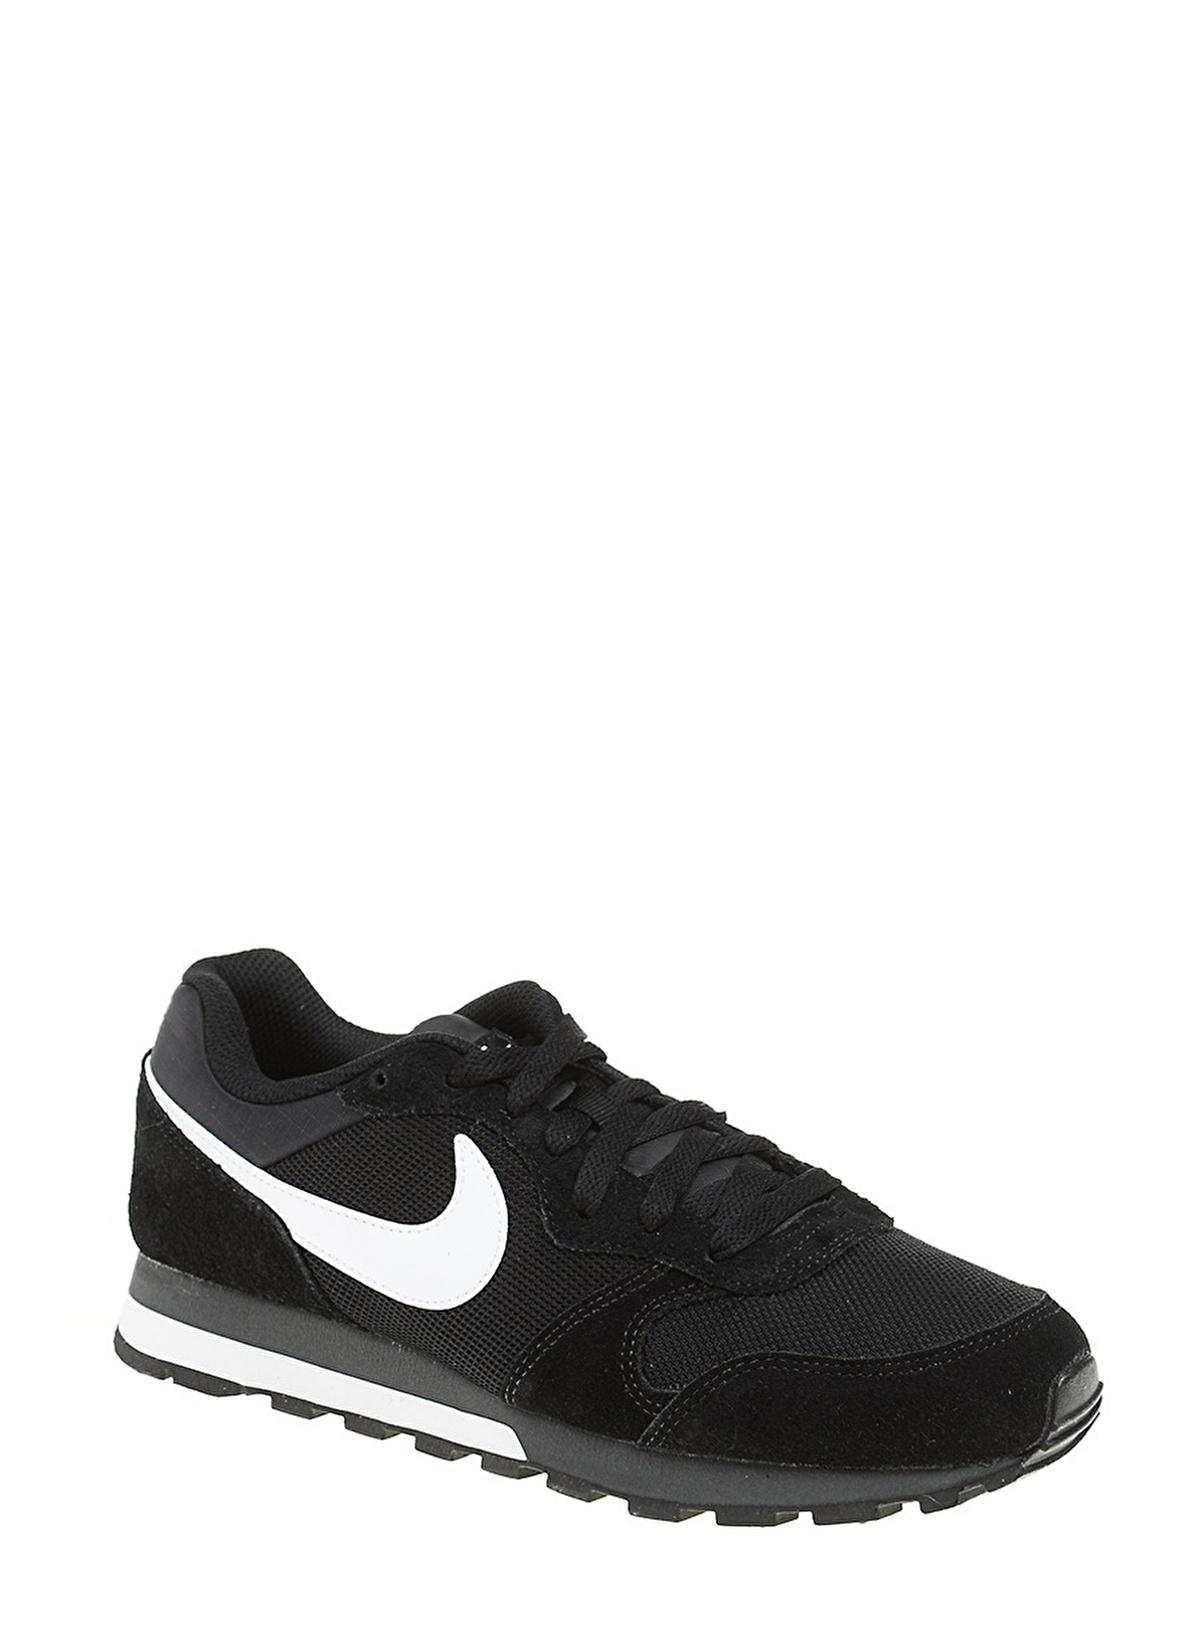 749794 010 Nike Md Runner 2